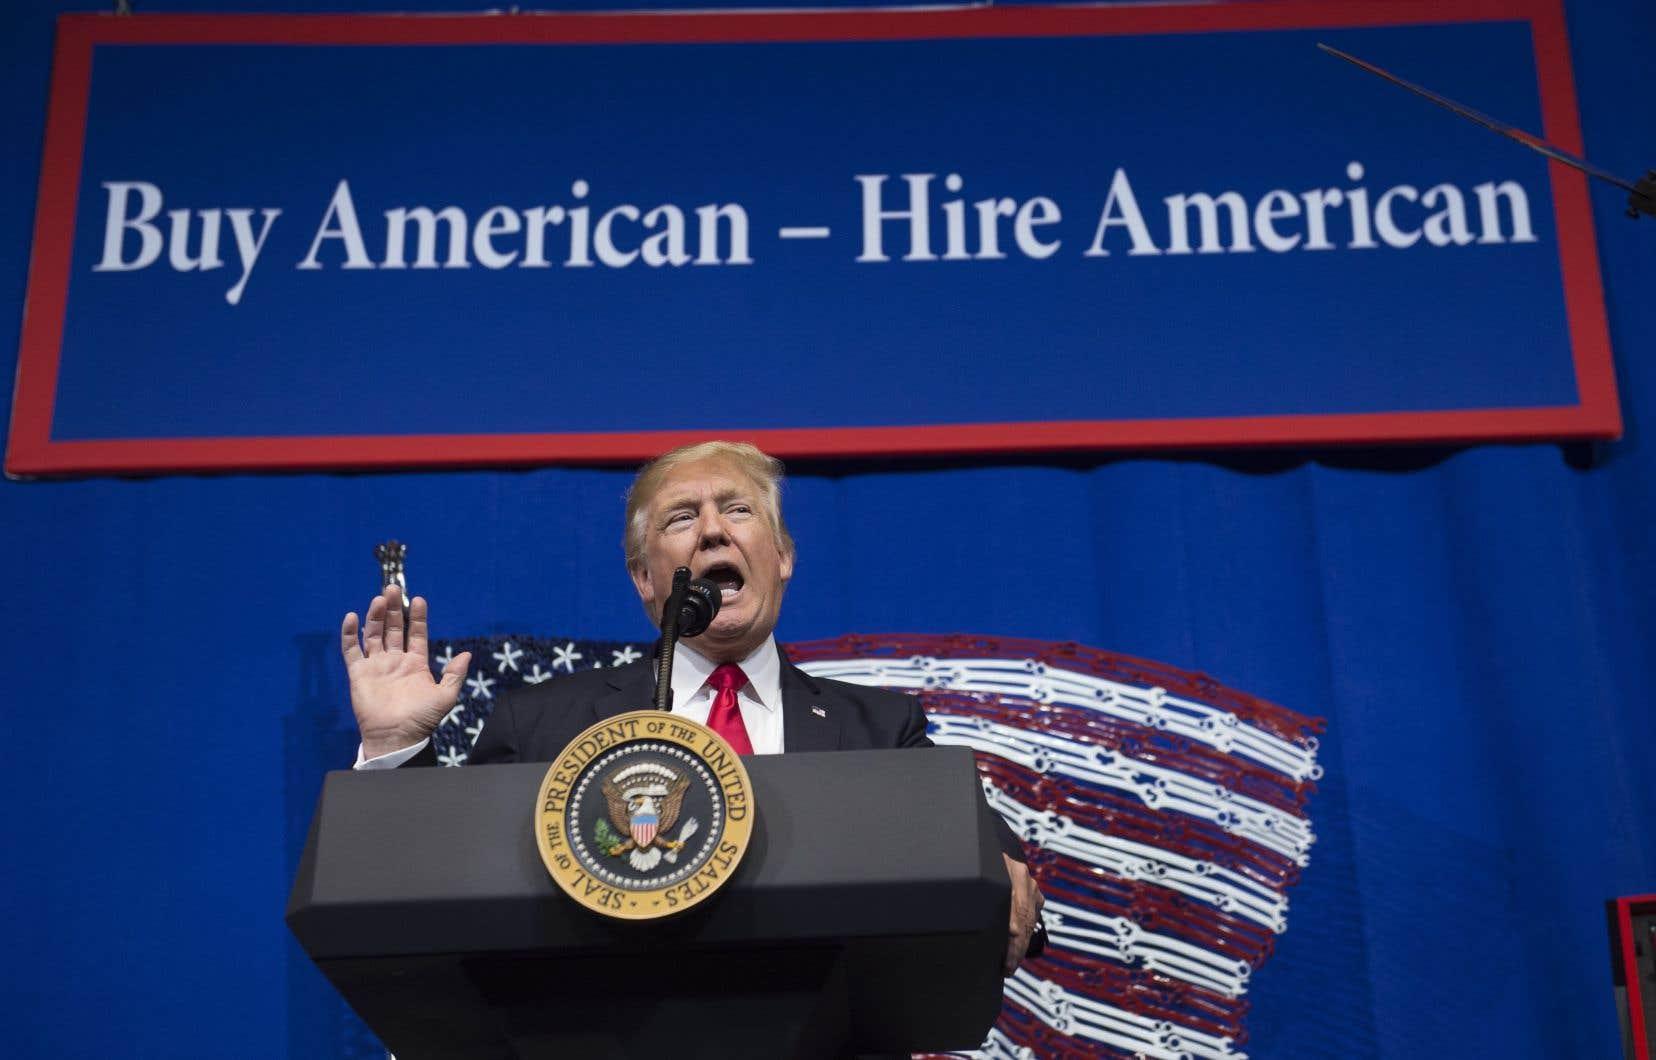 Les entreprises qui disent avoir déjà été touchées négativement «évoquent souvent la montée du protectionnisme américain» promu par le président Donald Trump.